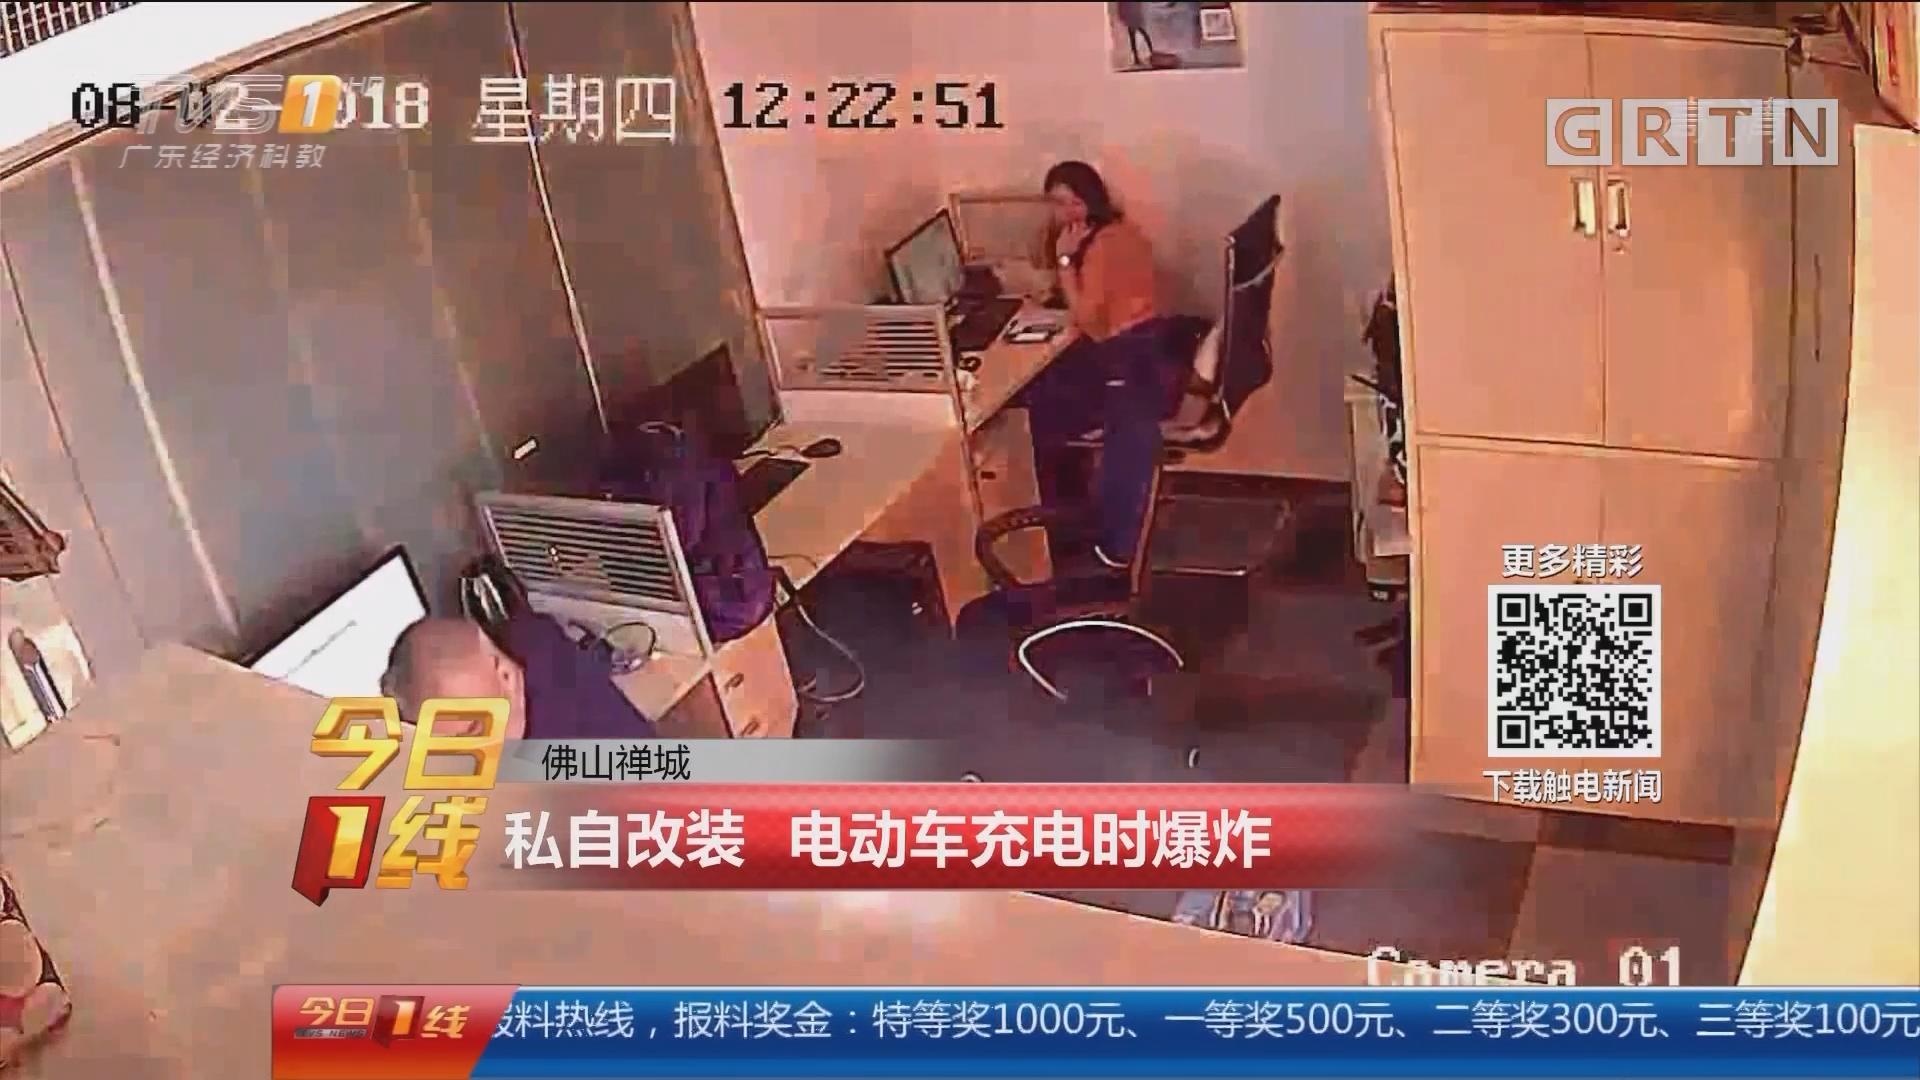 佛山禅城:私自改装 电动车充电时爆炸